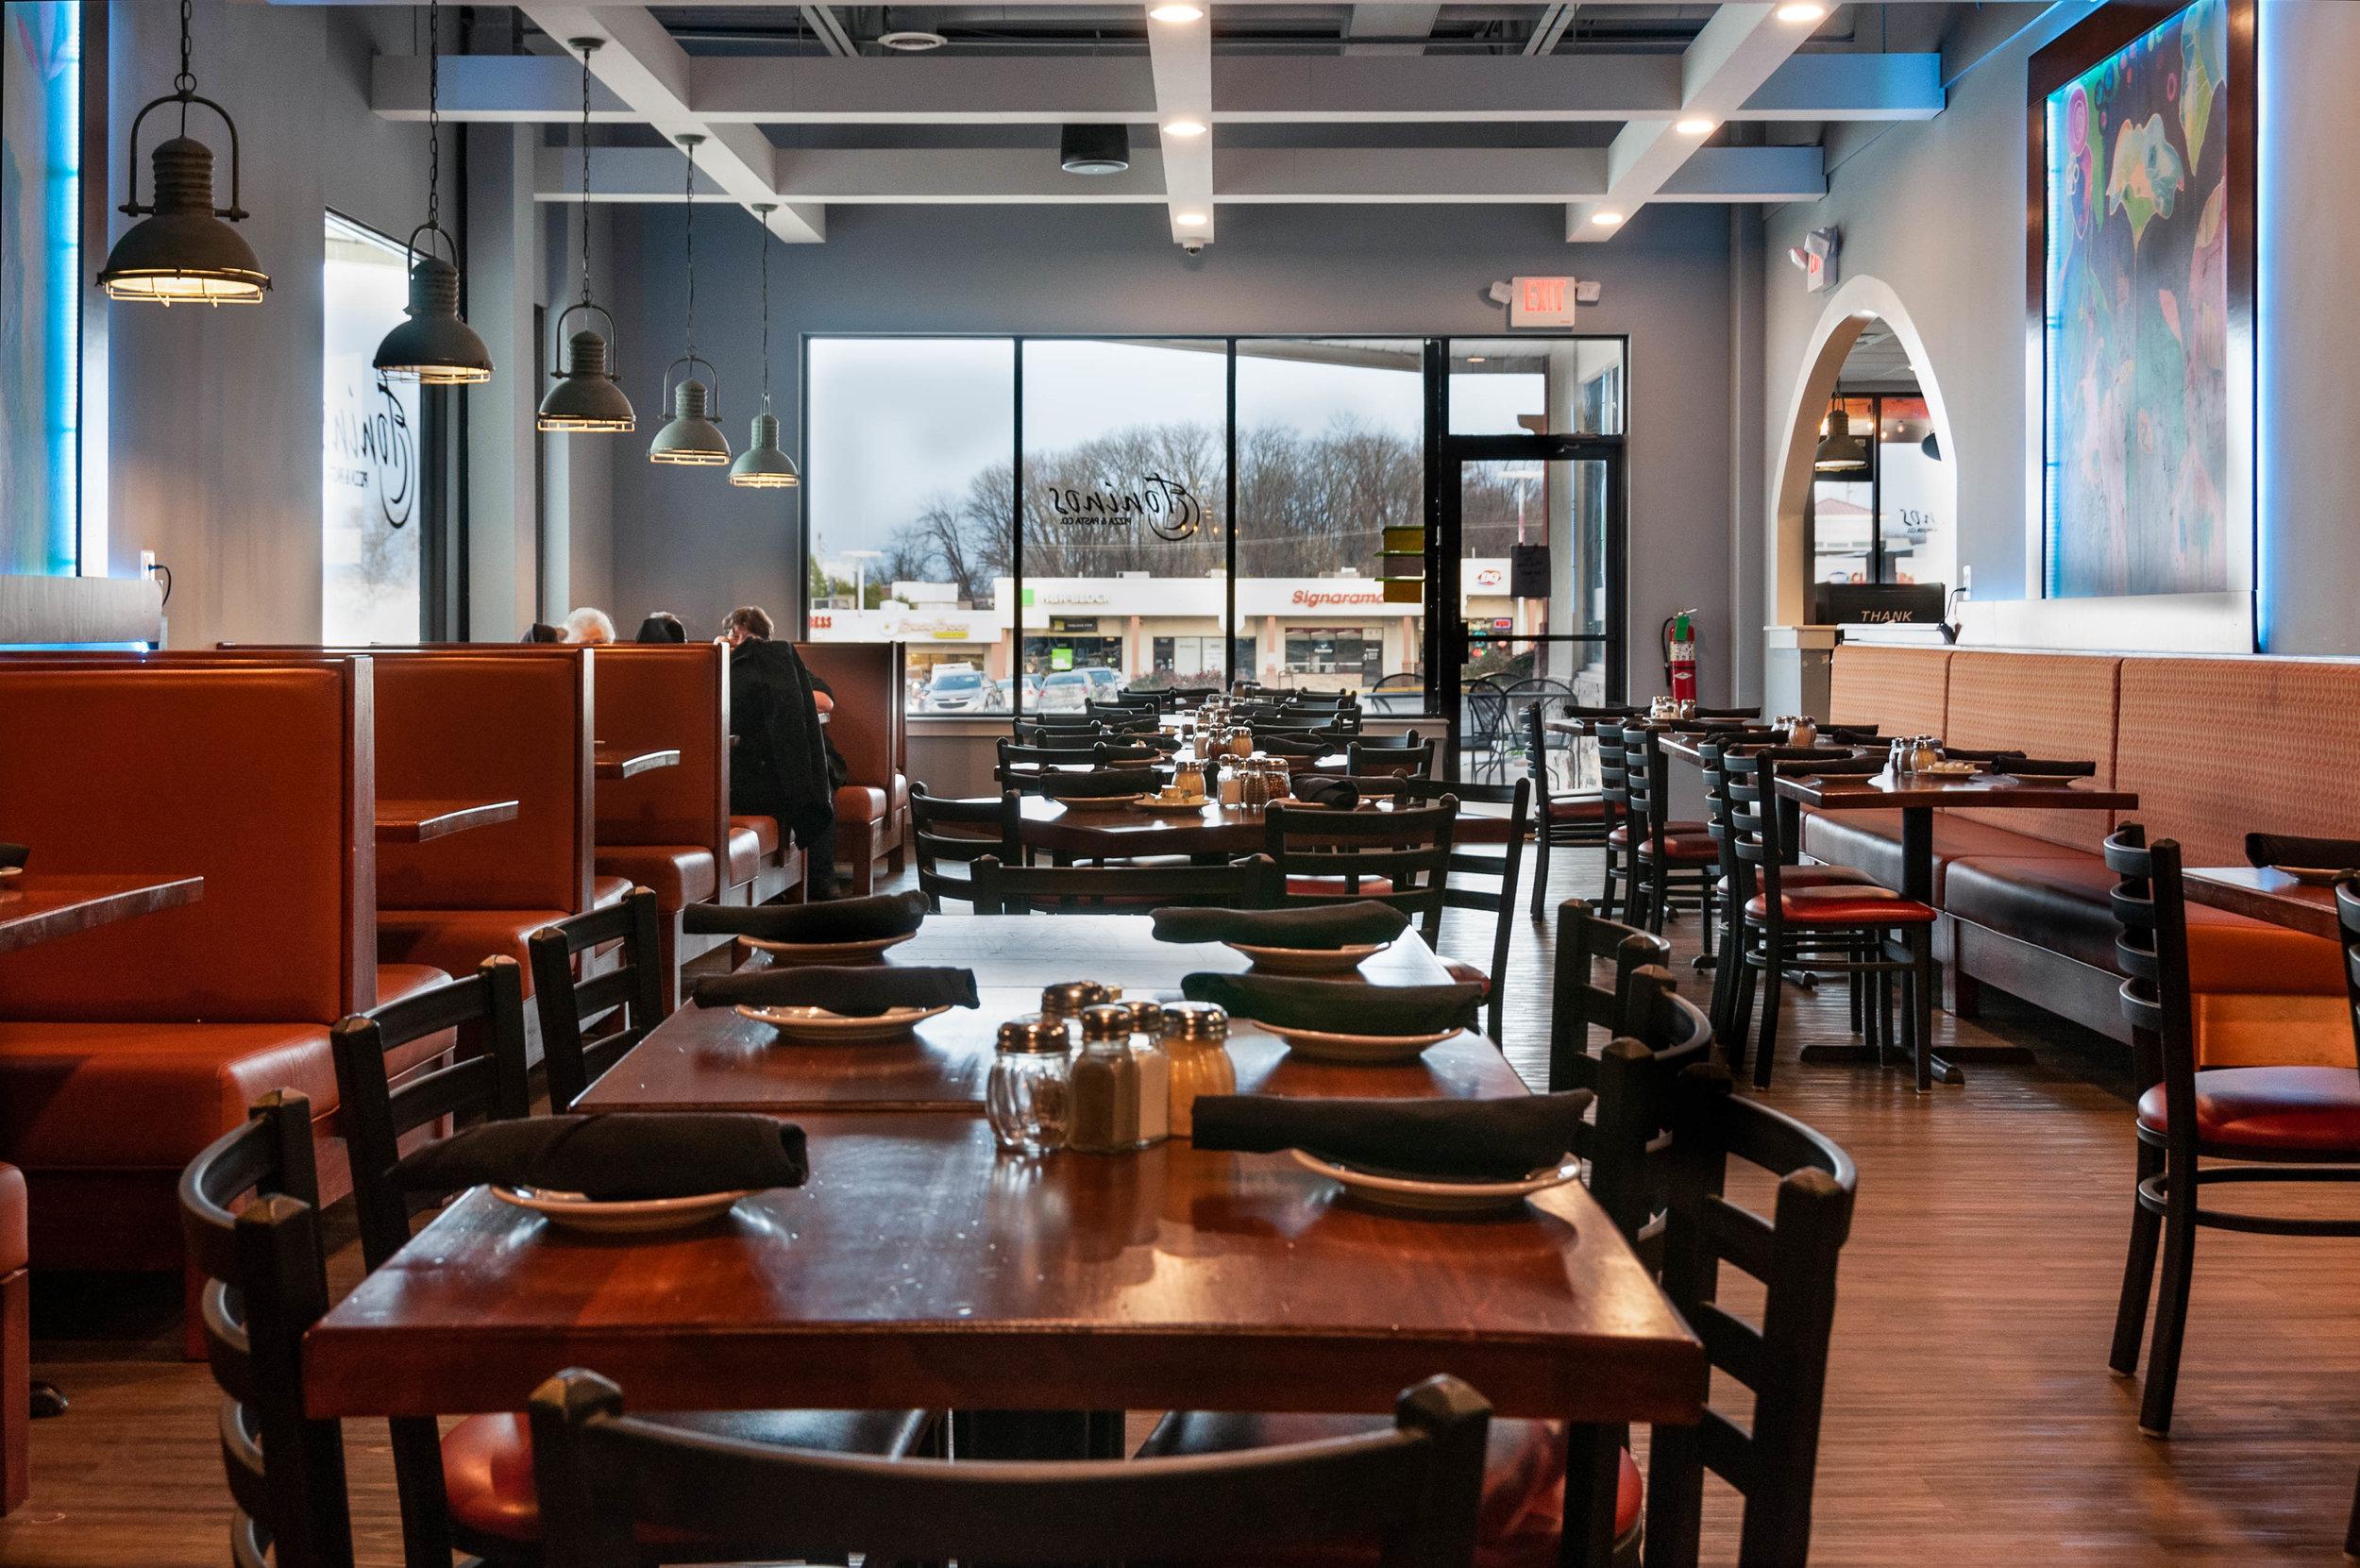 Toninos Pizza & Pasta Malvern Pa - Expanded Dinning Room.jpg